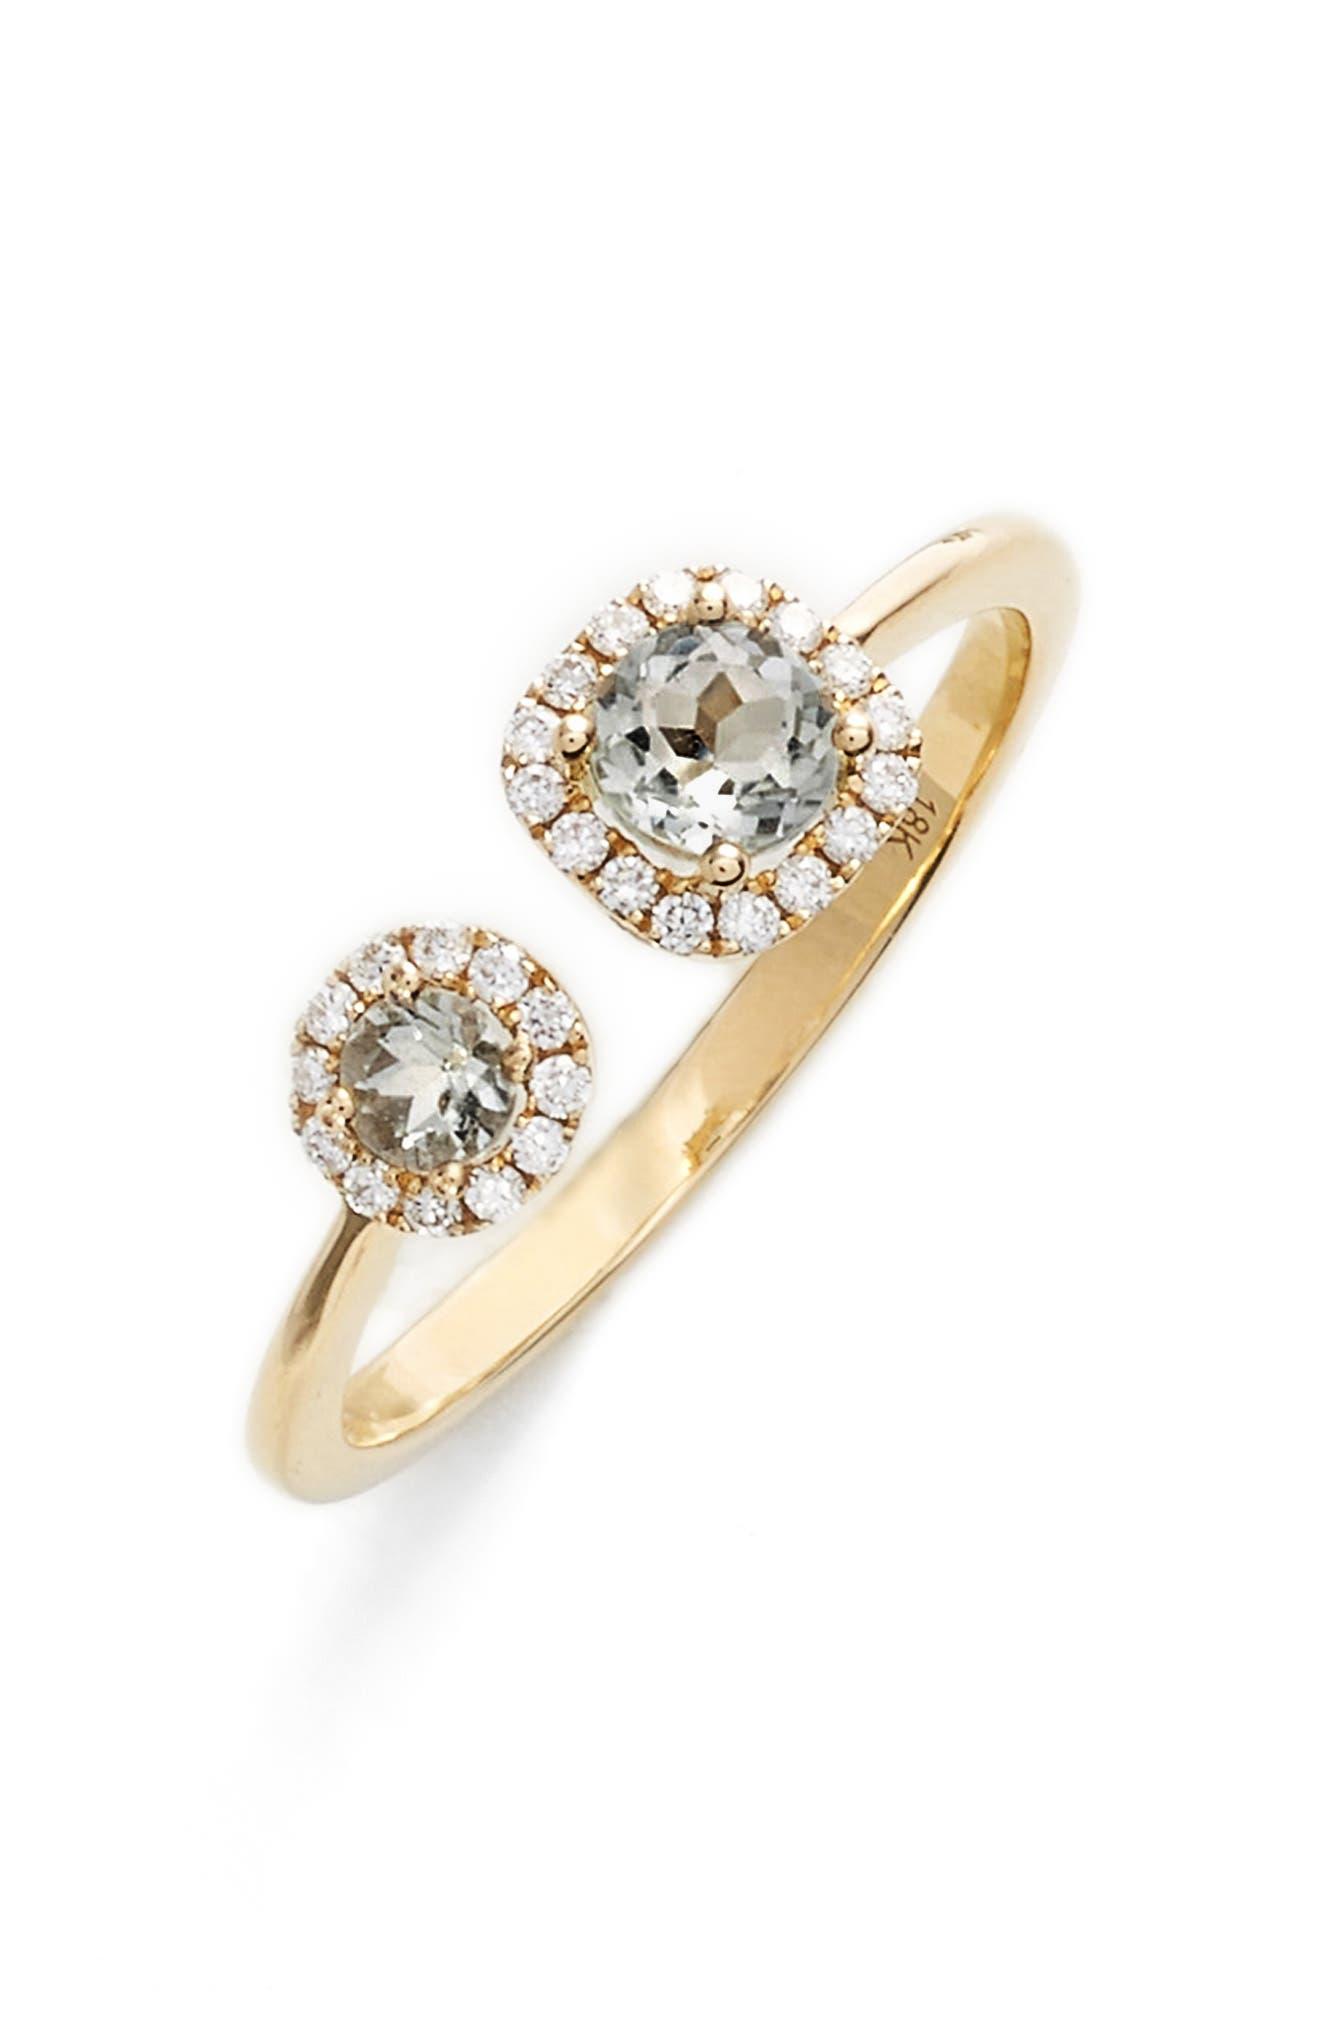 Iris Double Semiprecious Stone & Diamond Ring,                         Main,                         color, YELLOW GOLD/ PRASIOLITE